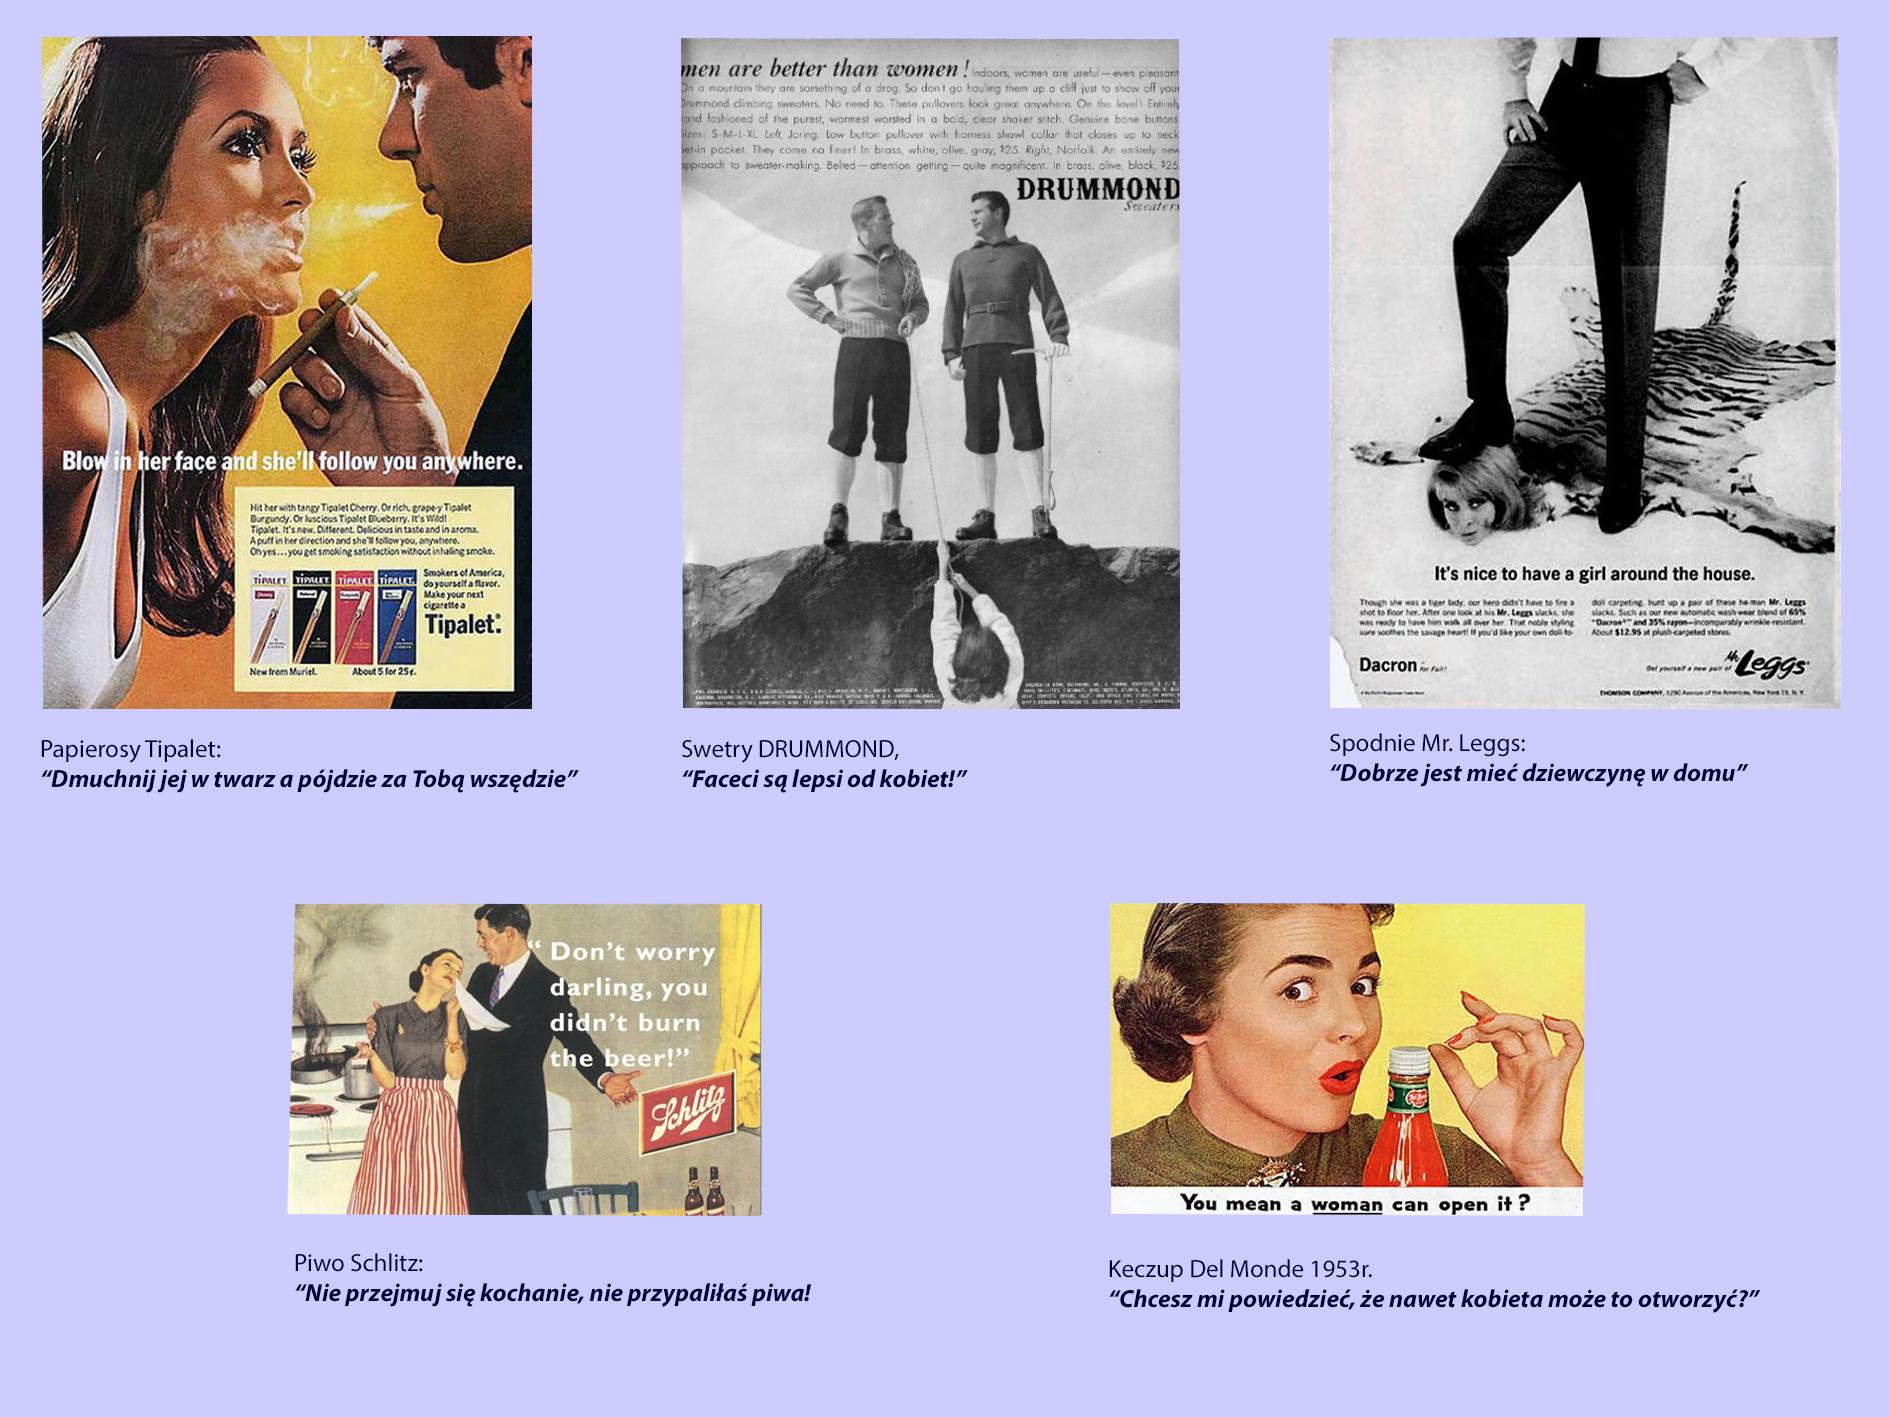 Seksistowskie reklamy z kobietami , kiedyś